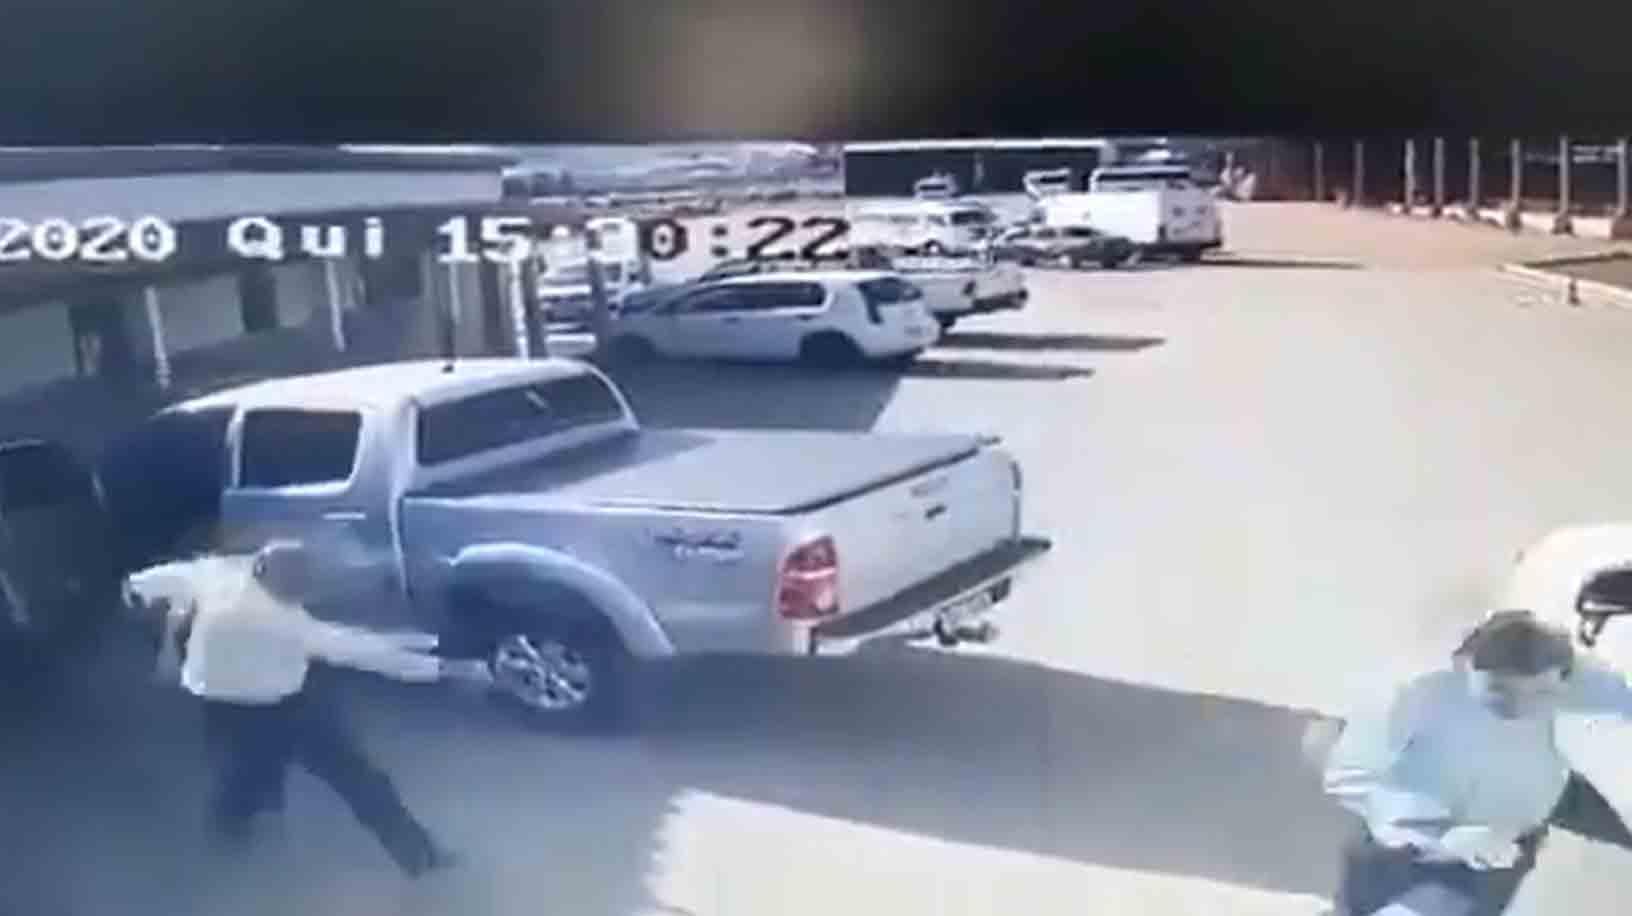 Câmera de segurança grava momento em que candidato a vereador é assassinado; veja o vídeo. Foto: reprodução Twitter